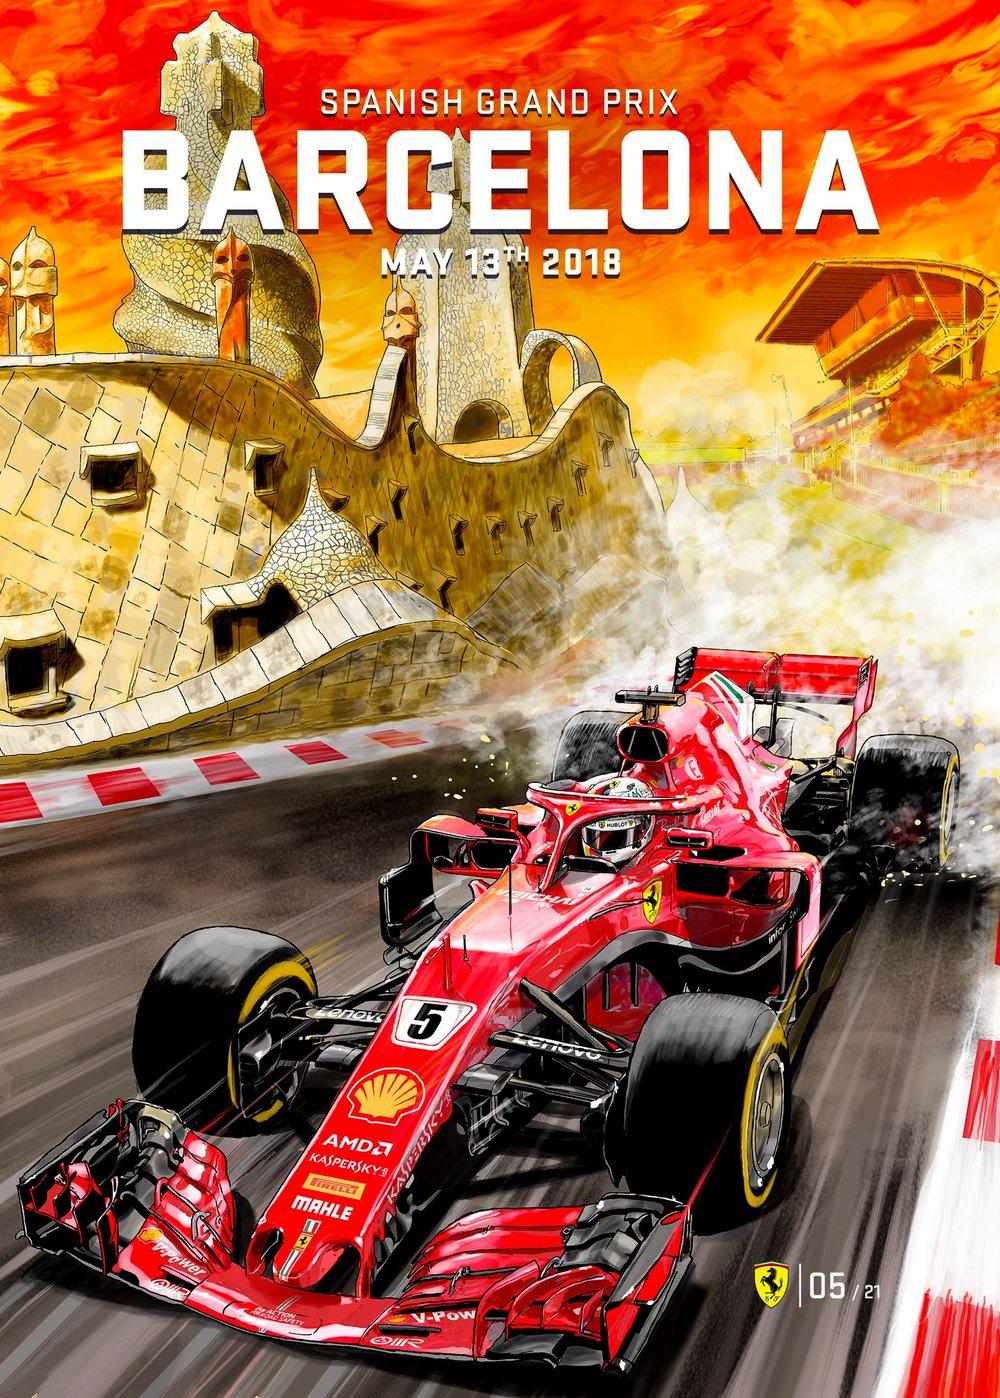 2018 Spanish Grand Prix